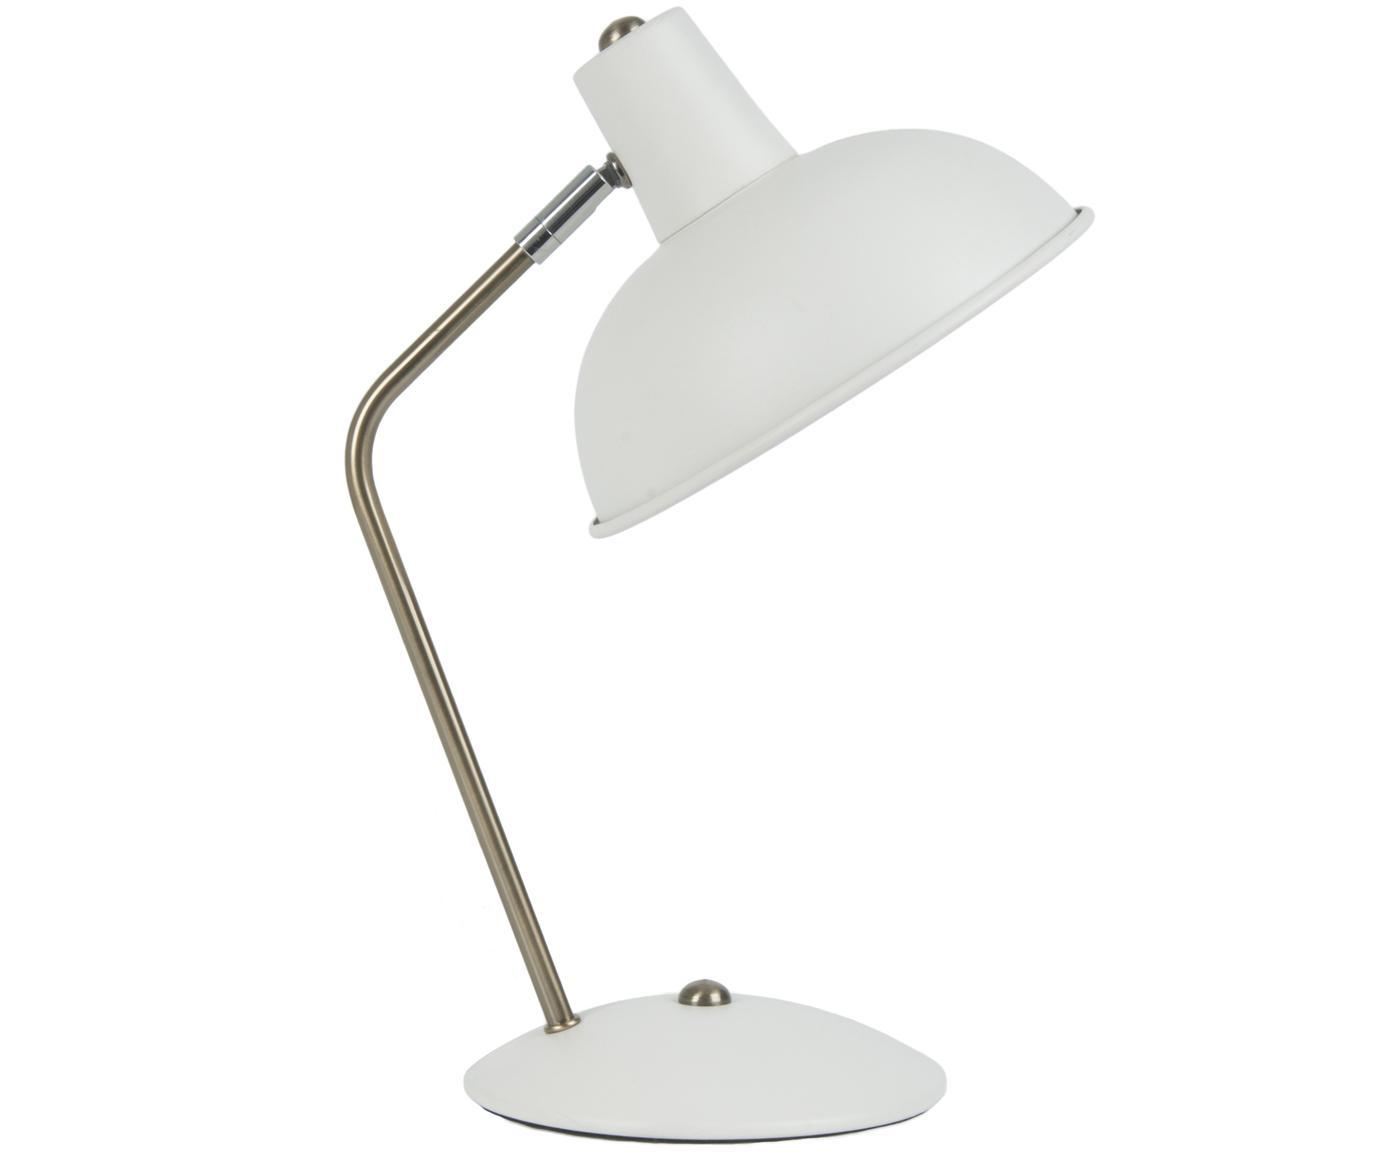 Retro-Schreibtischlampe Hood, Weiß, Messingfarben, 20 x 38 cm